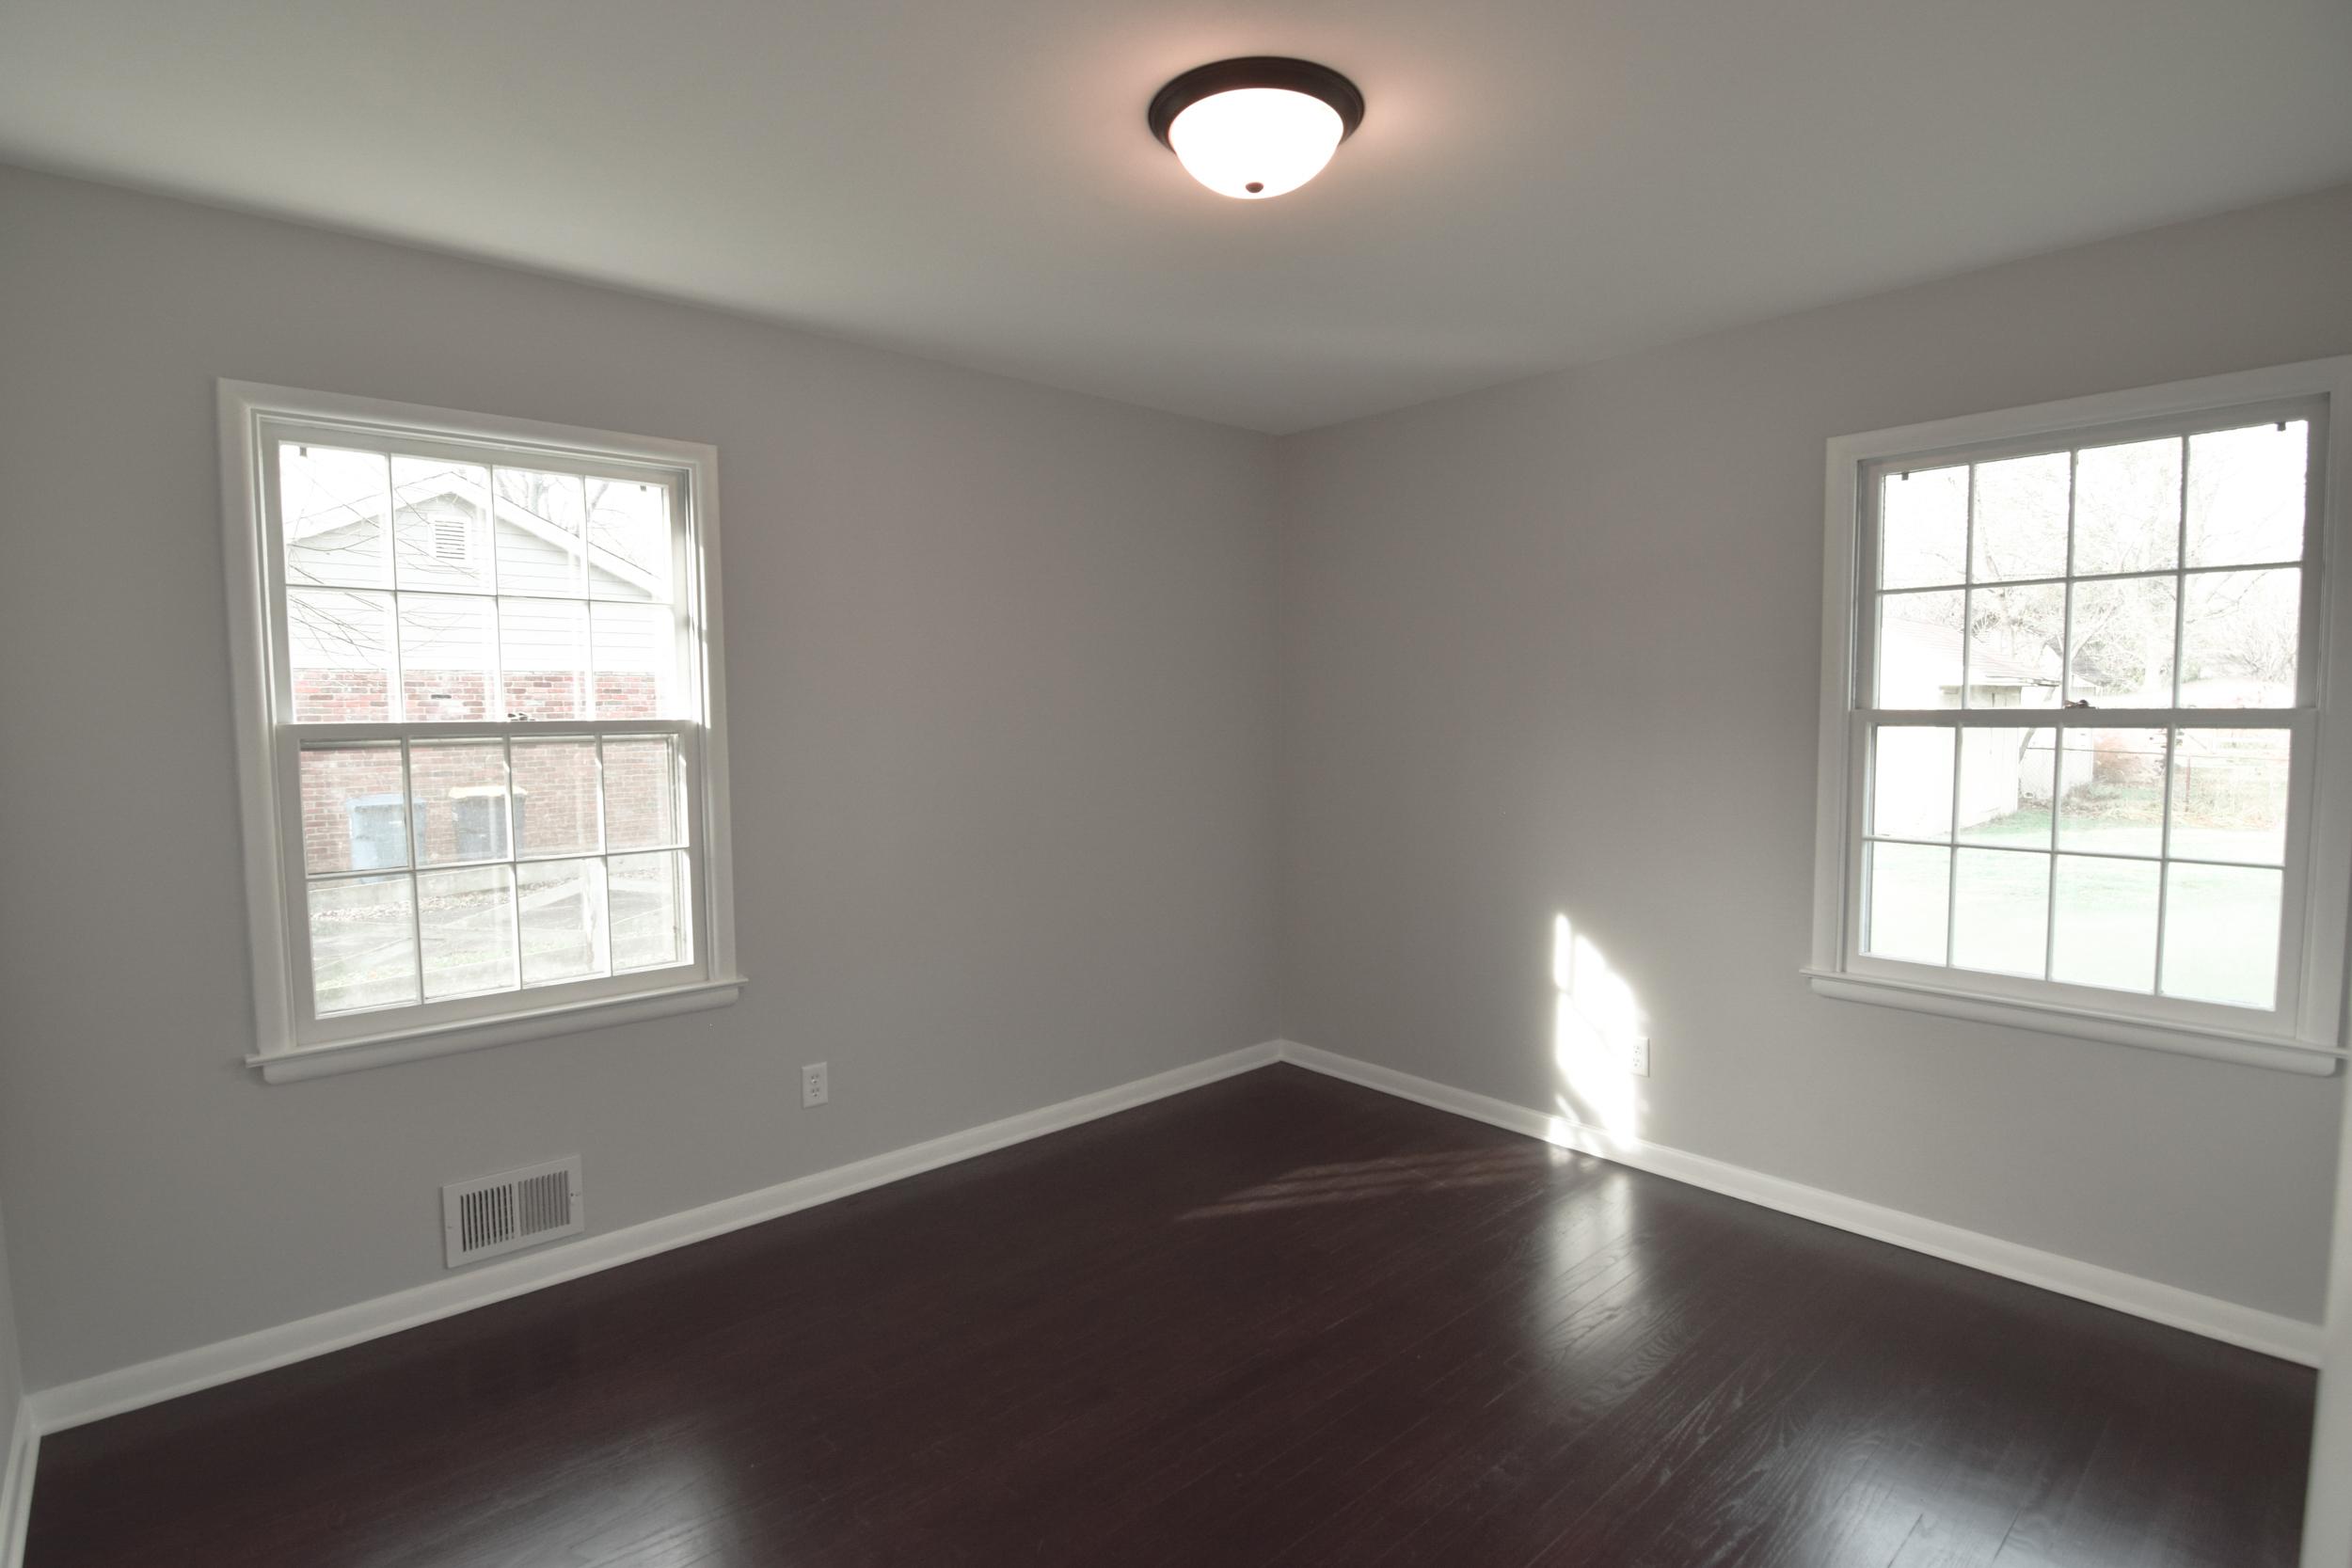 Monarch Homes | The House Next Door | Bedroom - After